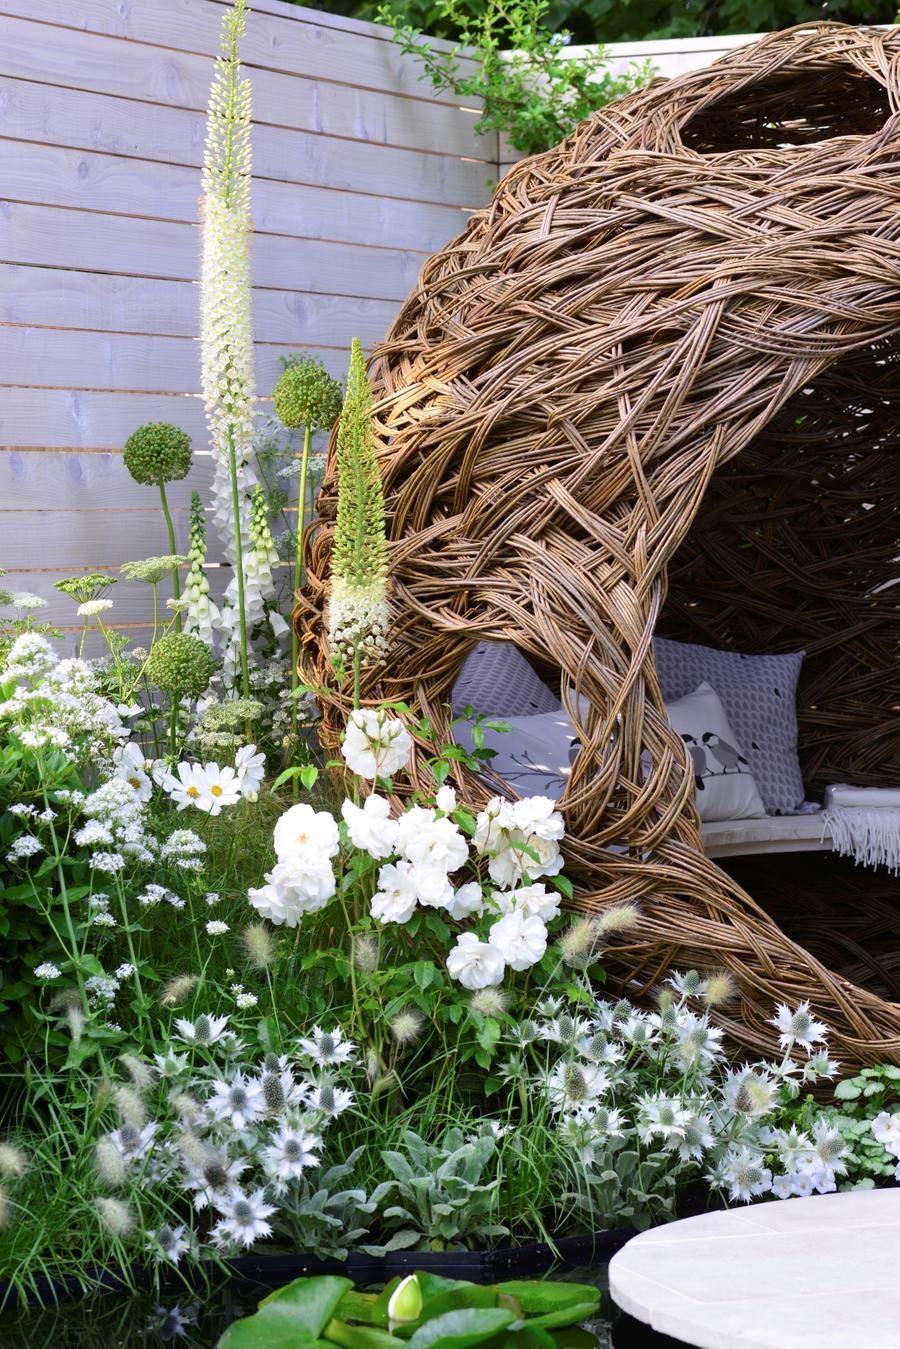 Un Jardin De Fleurs Blanches Fleur Jardin Fleurs Blanches Jardins Blancs